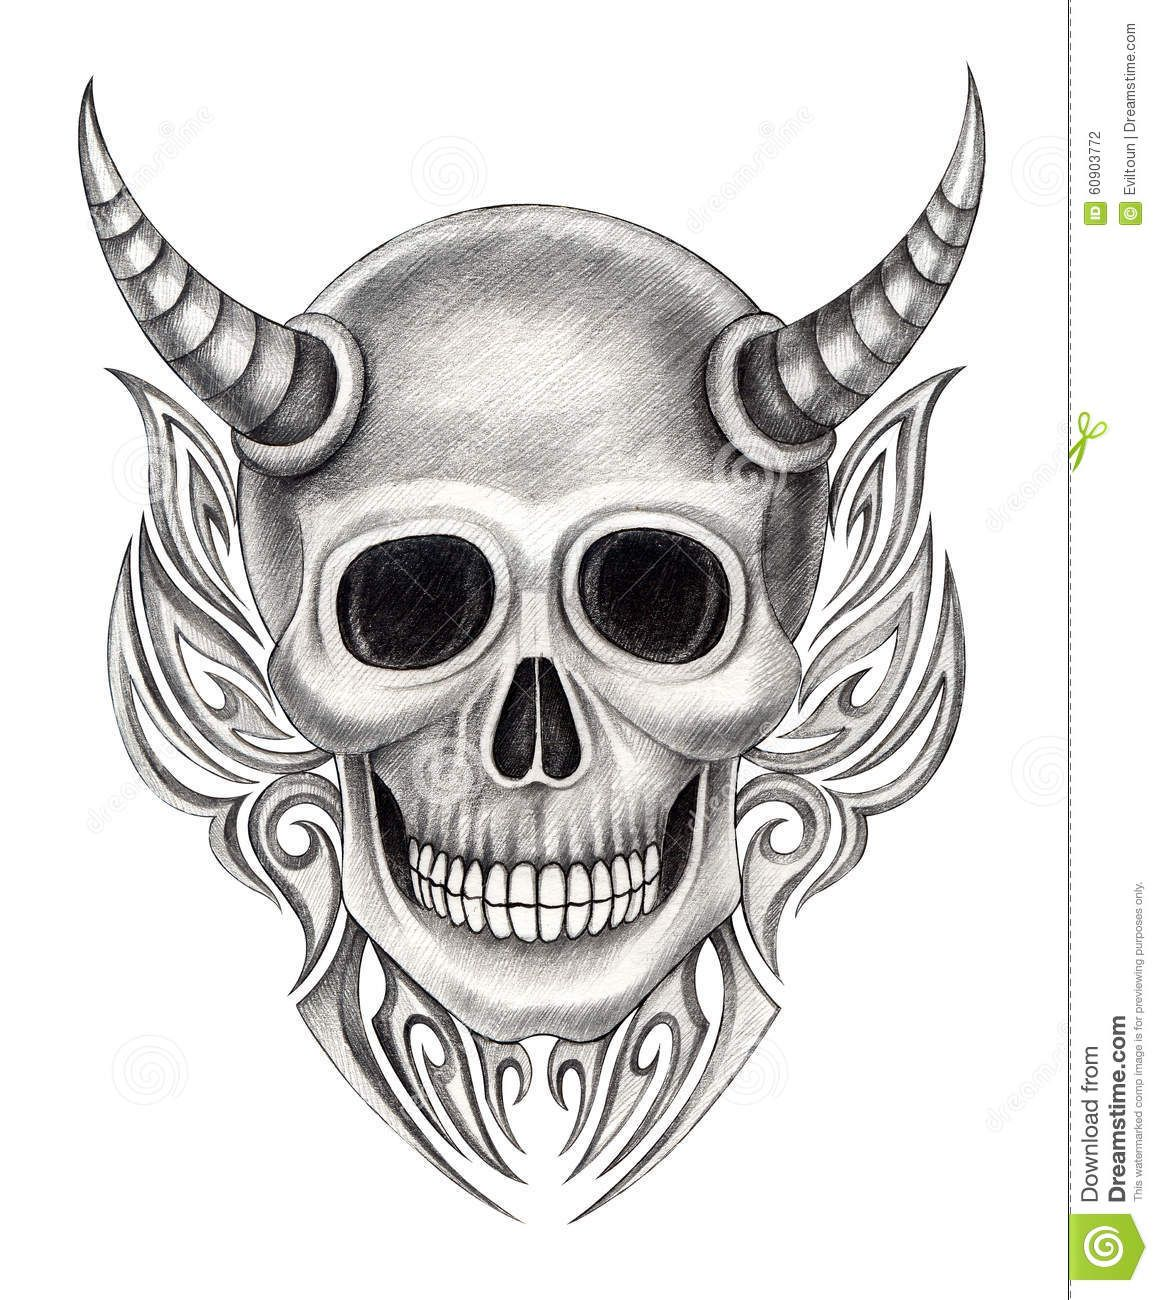 641 Free Hd I Flash Tattoo Design 2012: Art Design Skull Devil Mix Graphic Tribal Tattoo Hand